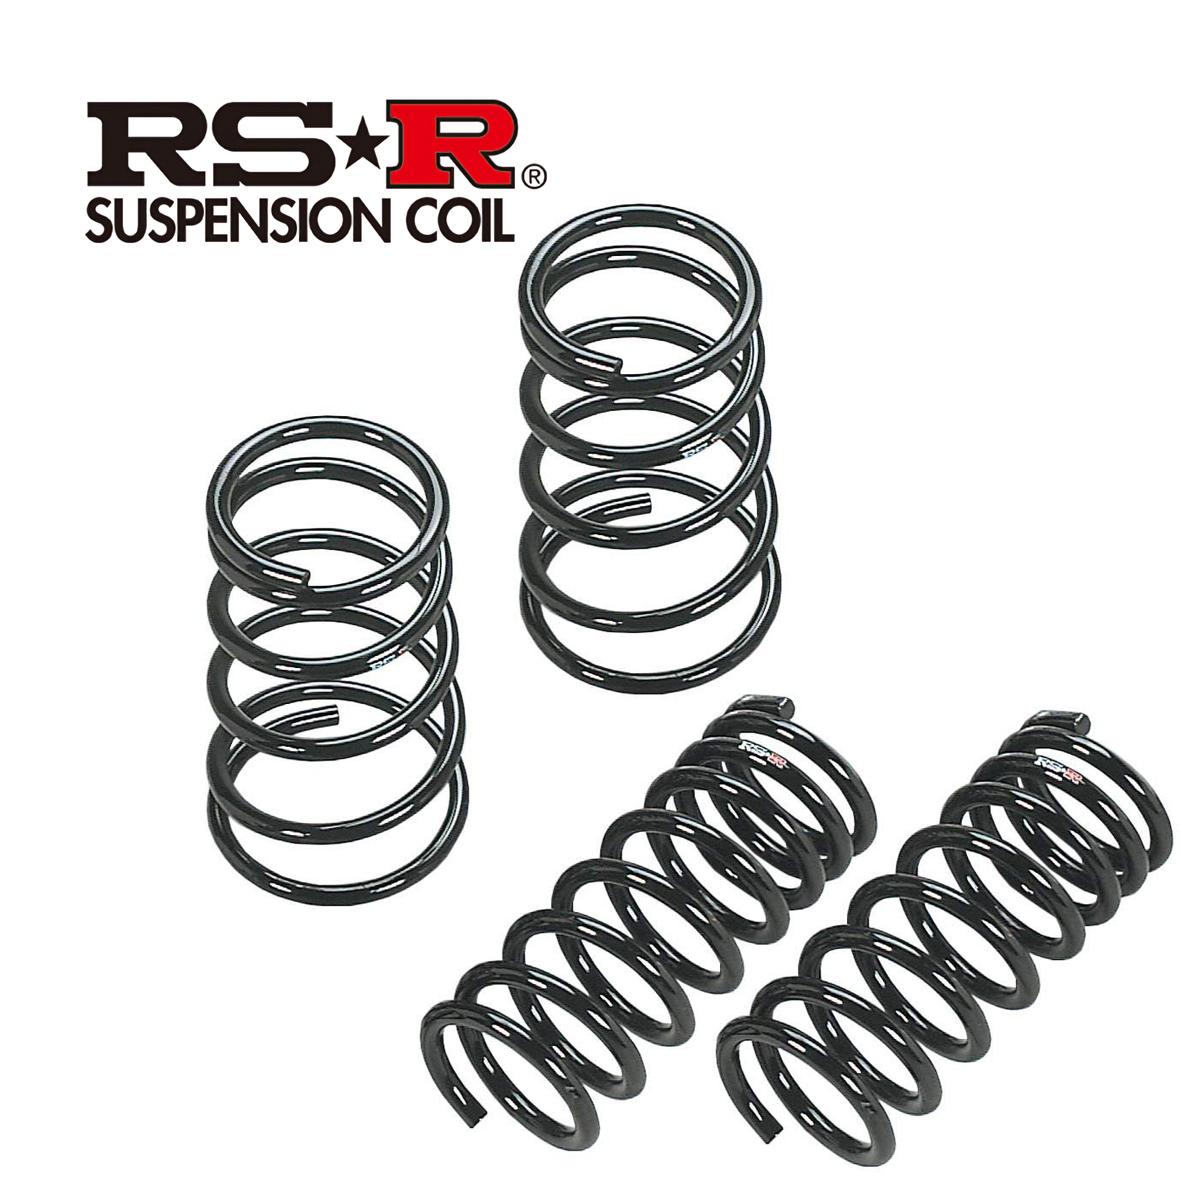 RS-R オデッセイ アブソルート RB3 ダウンサス スプリング 1台分 H685W RSR 個人宅発送追金有